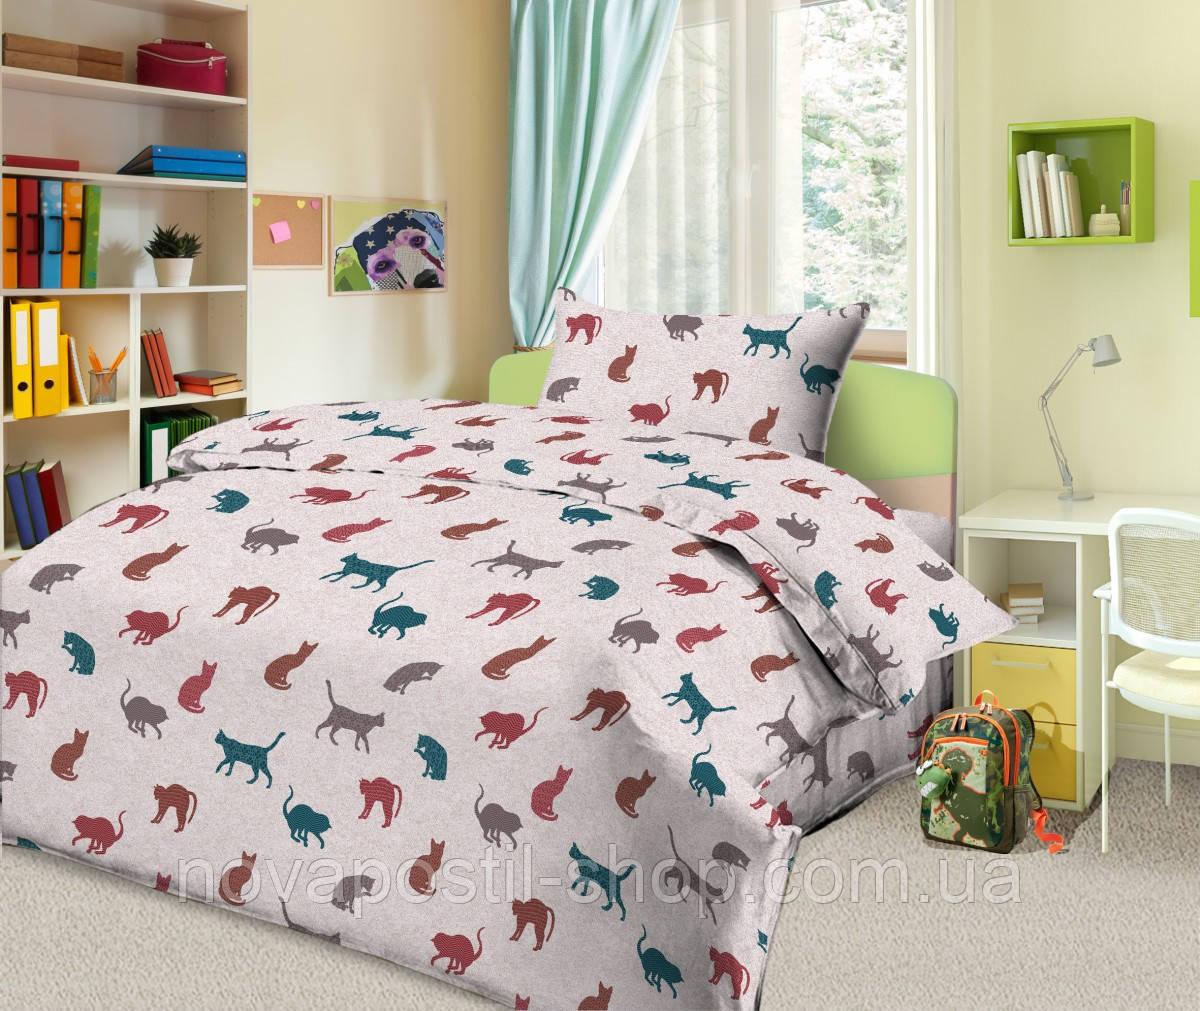 Комплект постельного белья Кошки Силуэт (подростковый)